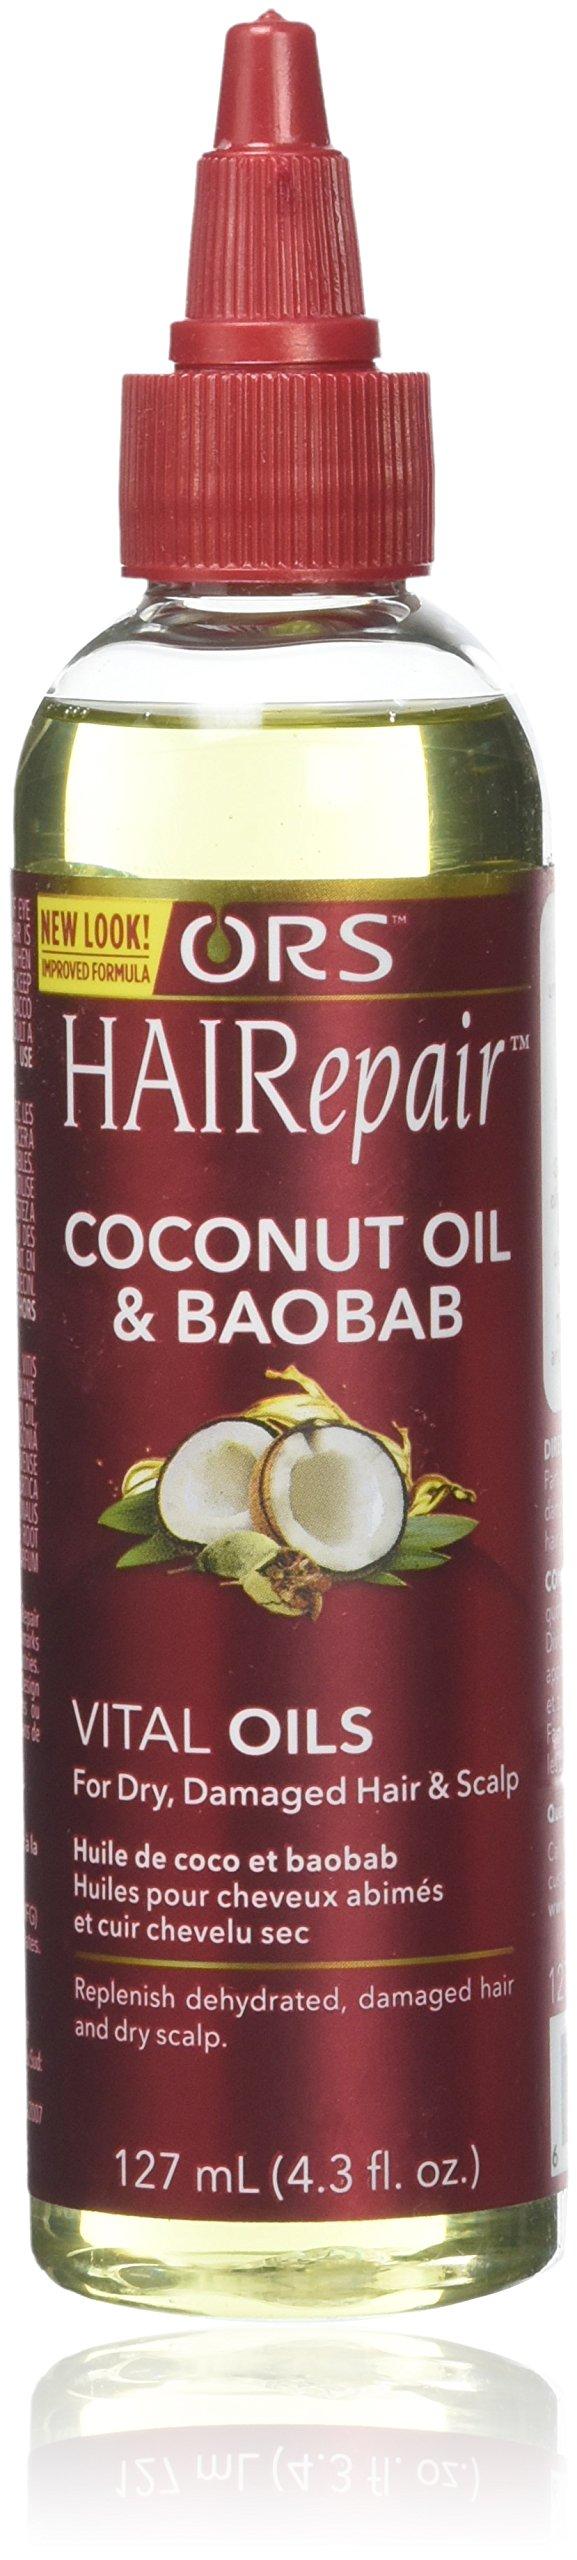 ORS HAIRepair Coconut Oil & Baobab Vital Oils